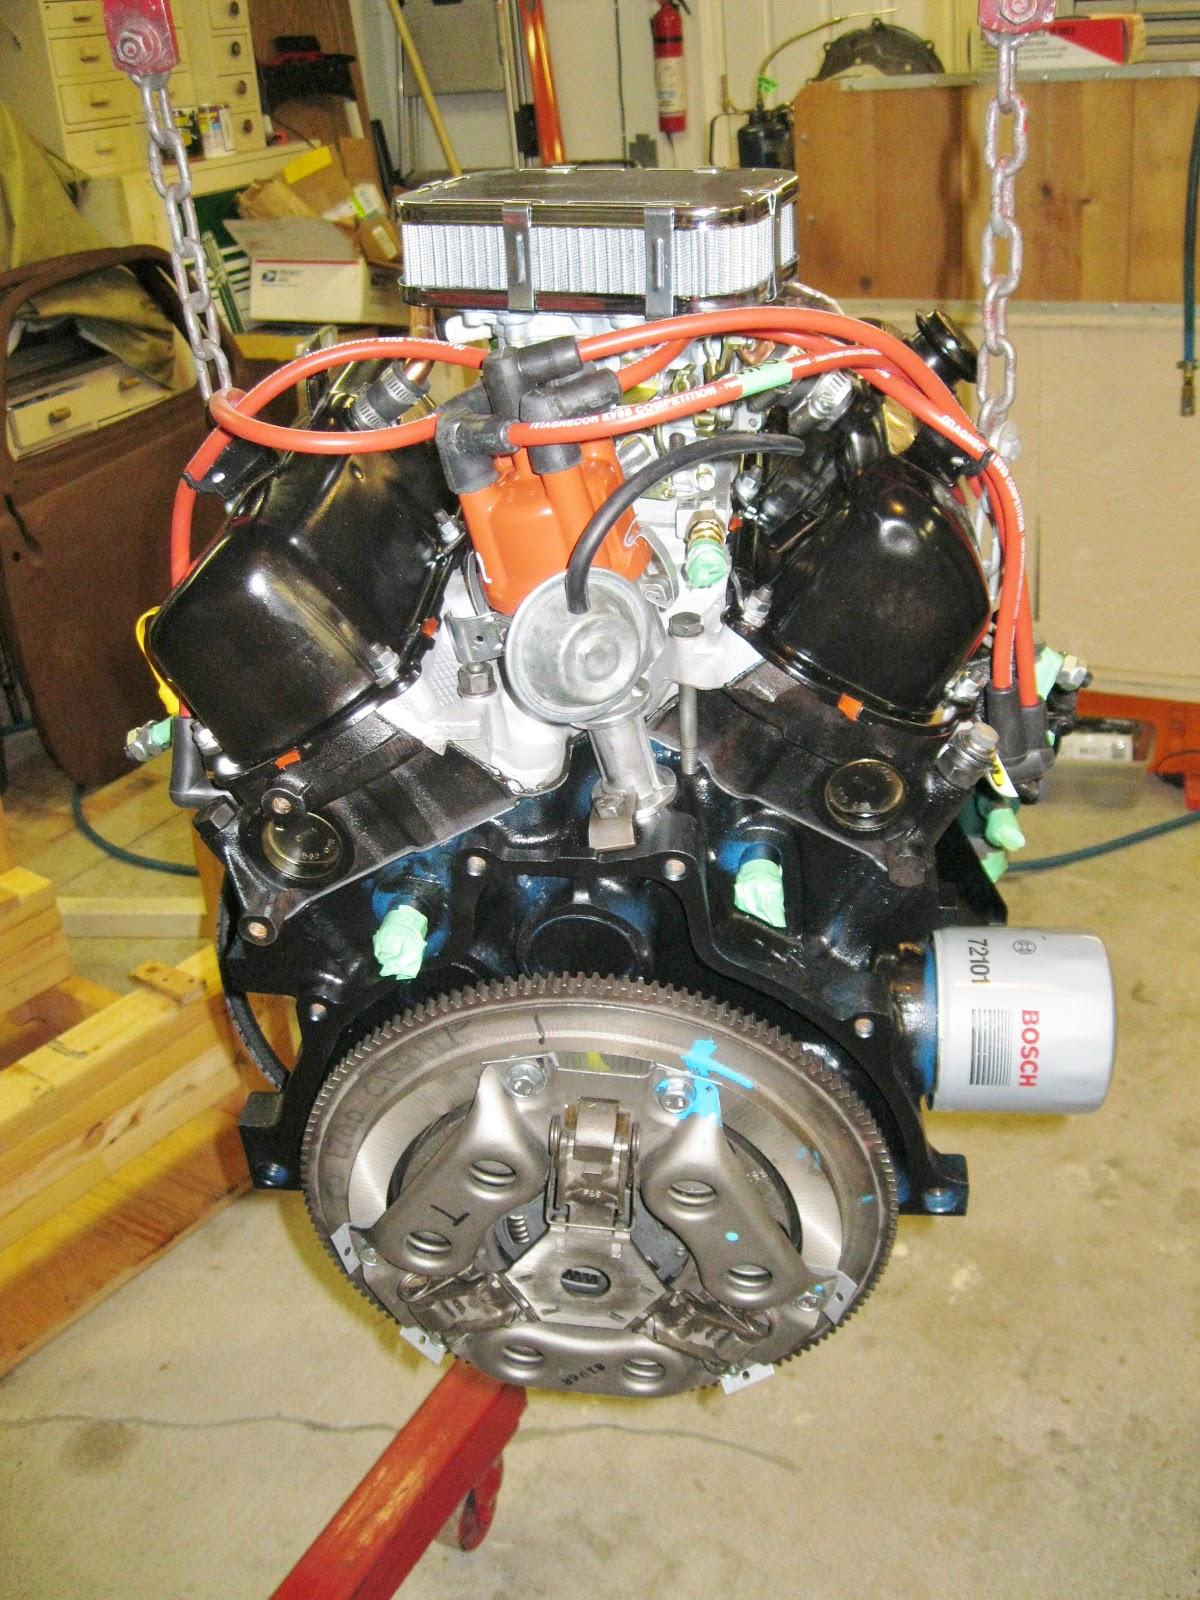 saab 96 engine diagram wire data schema u2022 rh fullventas co Wiring Diagrams Saab C900 For Saab 9 3 Electric Diagram